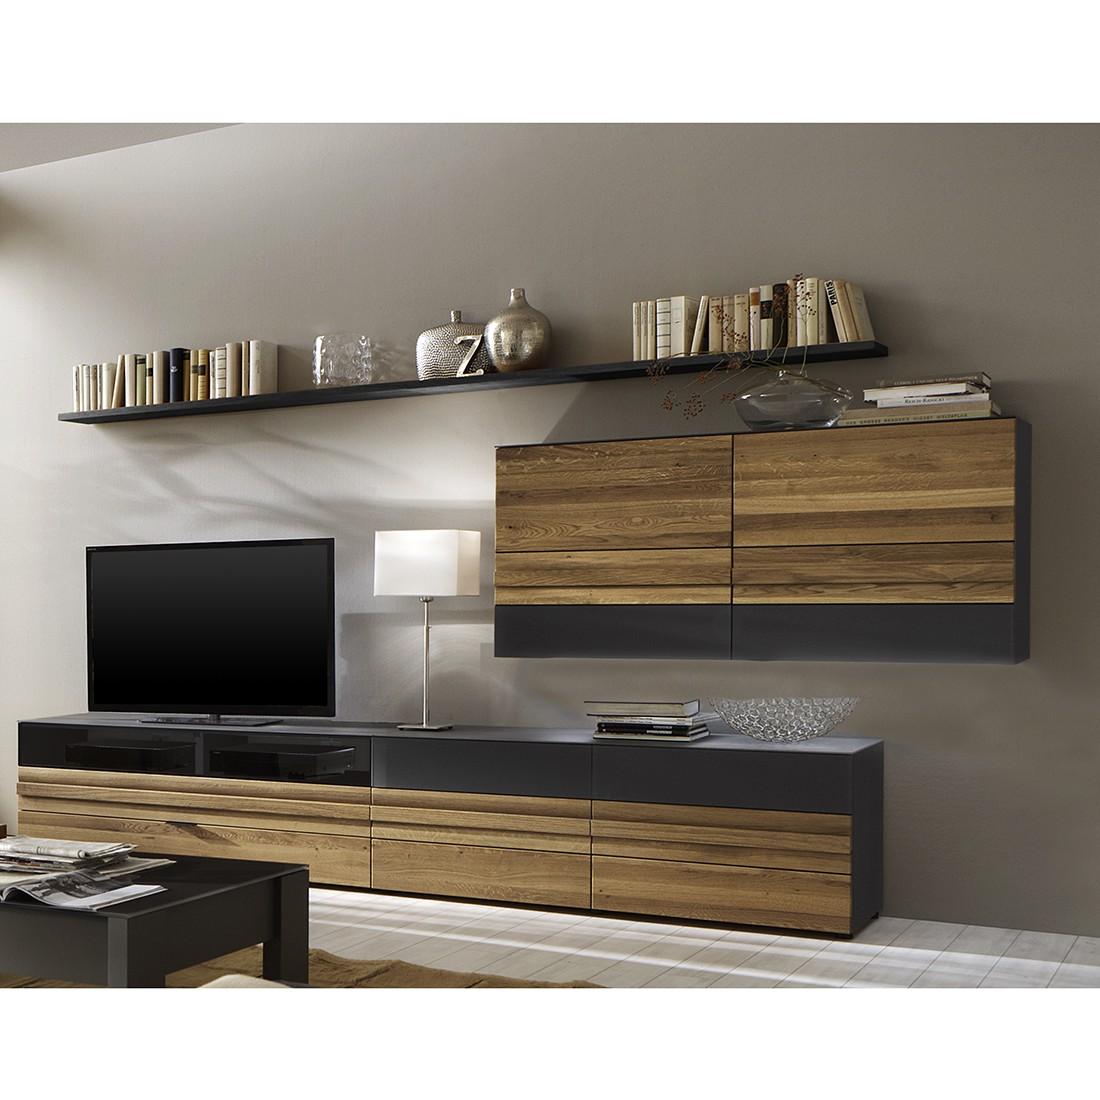 wohnwand mentano i 4 teilig wildeiche teilmassiv stone wildeiche ohne beleuchtung. Black Bedroom Furniture Sets. Home Design Ideas